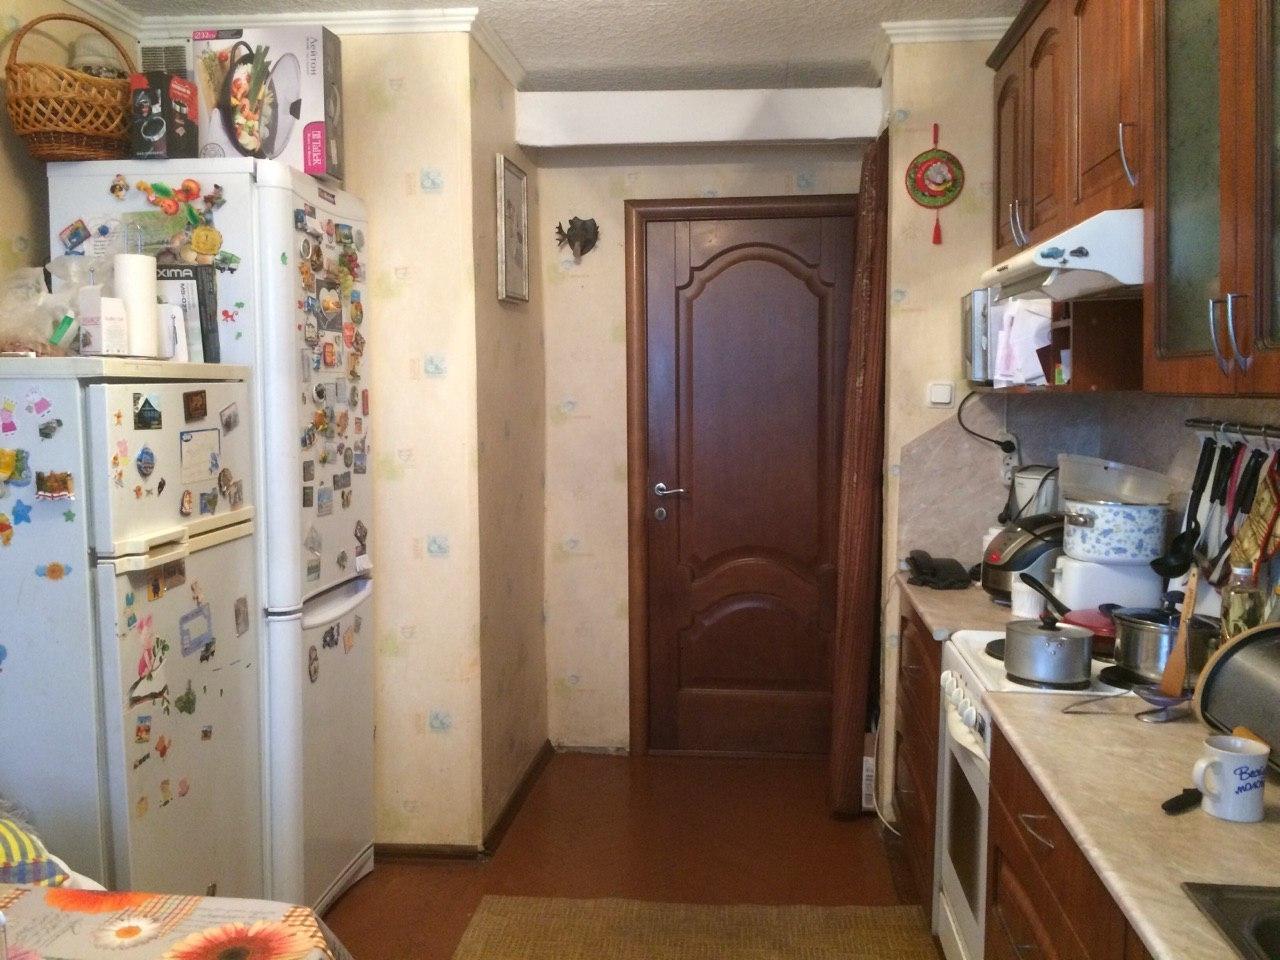 http://an-aleksandrit.pro.bkn.ru/images/s_big/a93fae6a-9fd7-11e7-b300-448a5bd44c07.jpg